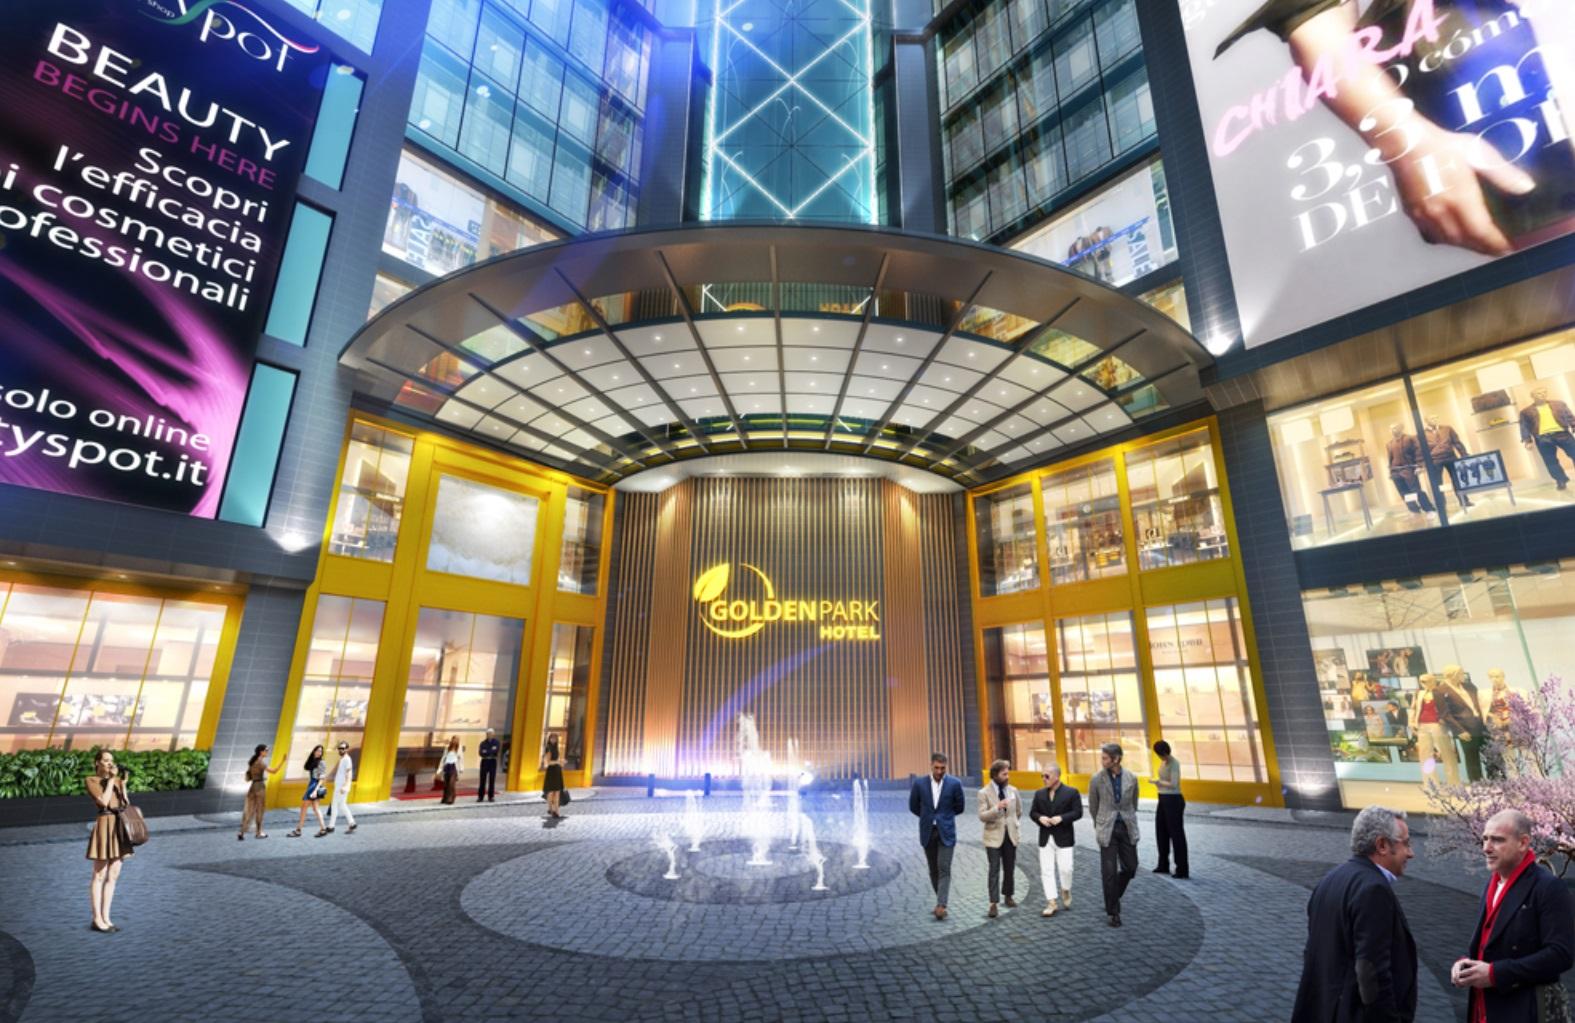 Golden Park Tower cao thuộc top 10 tại Hà Nội